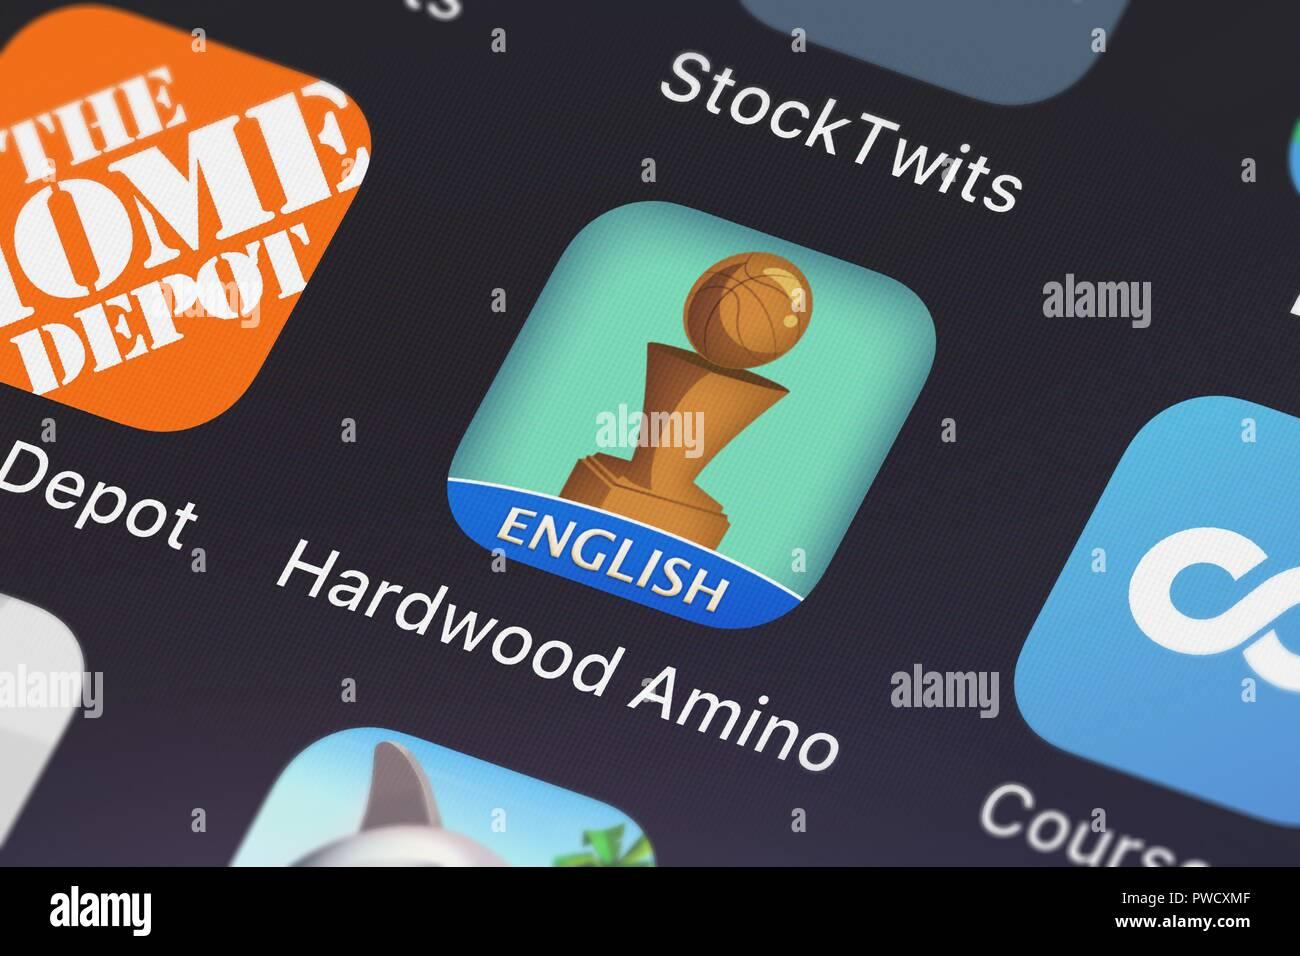 Hardwood Amino Stock Photos & Hardwood Amino Stock Images